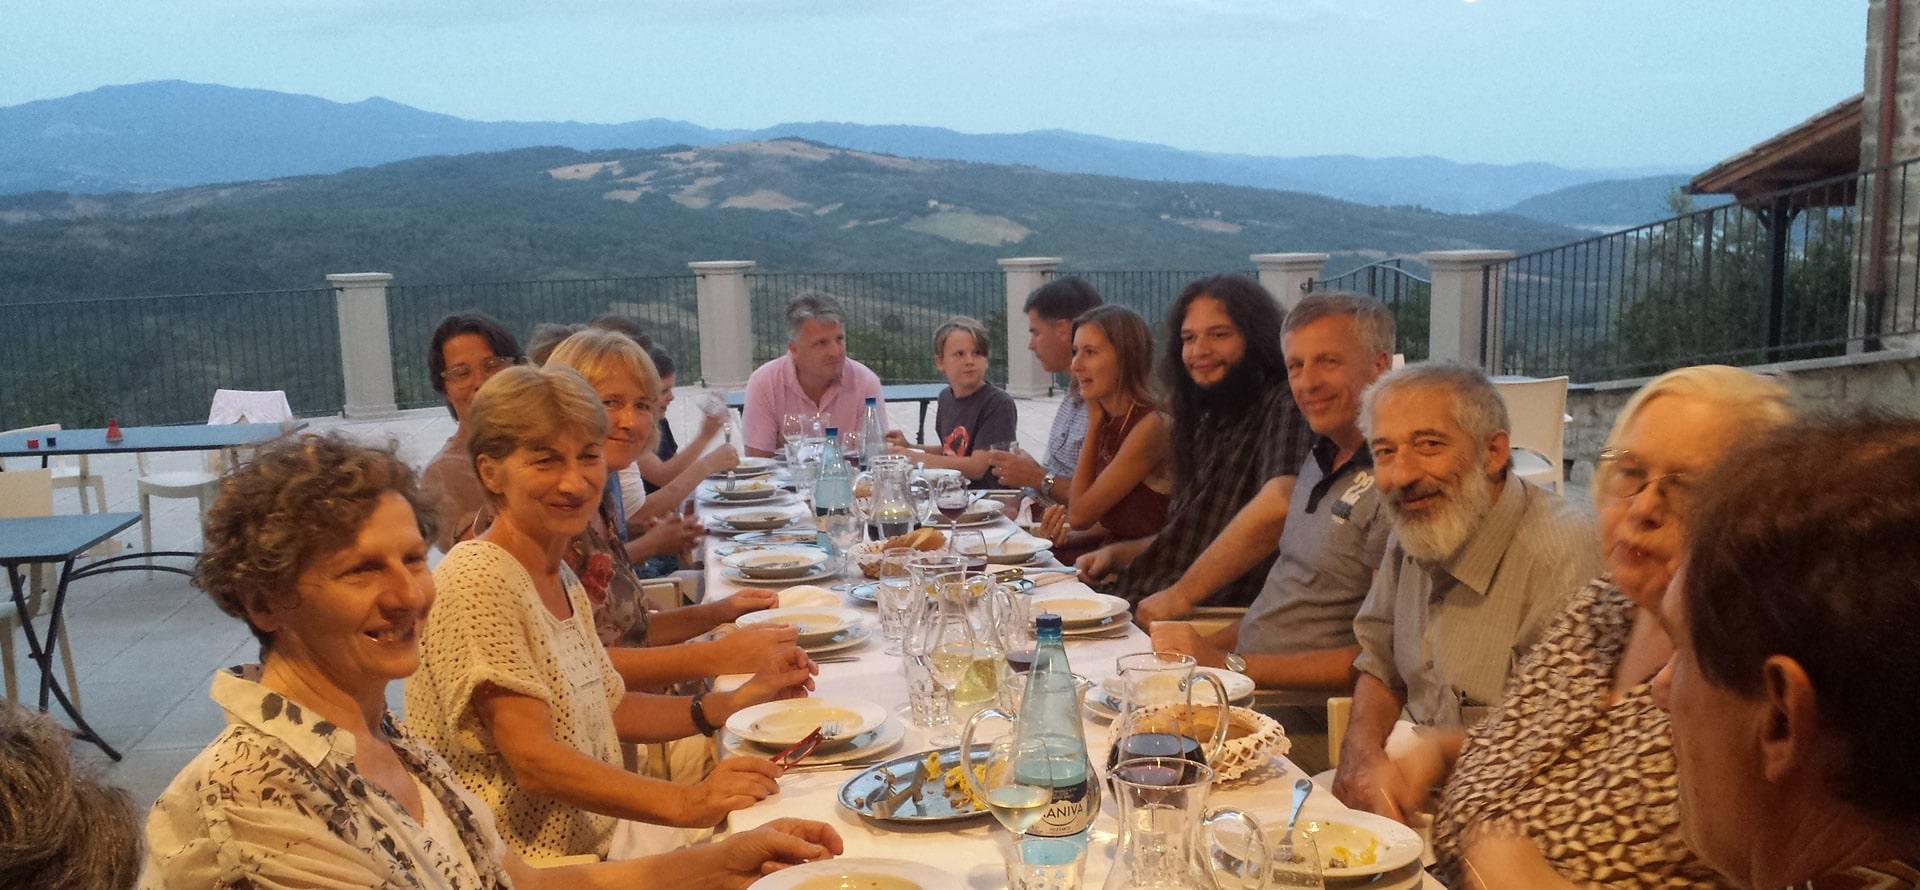 Cena terrazza panoramica Toscana